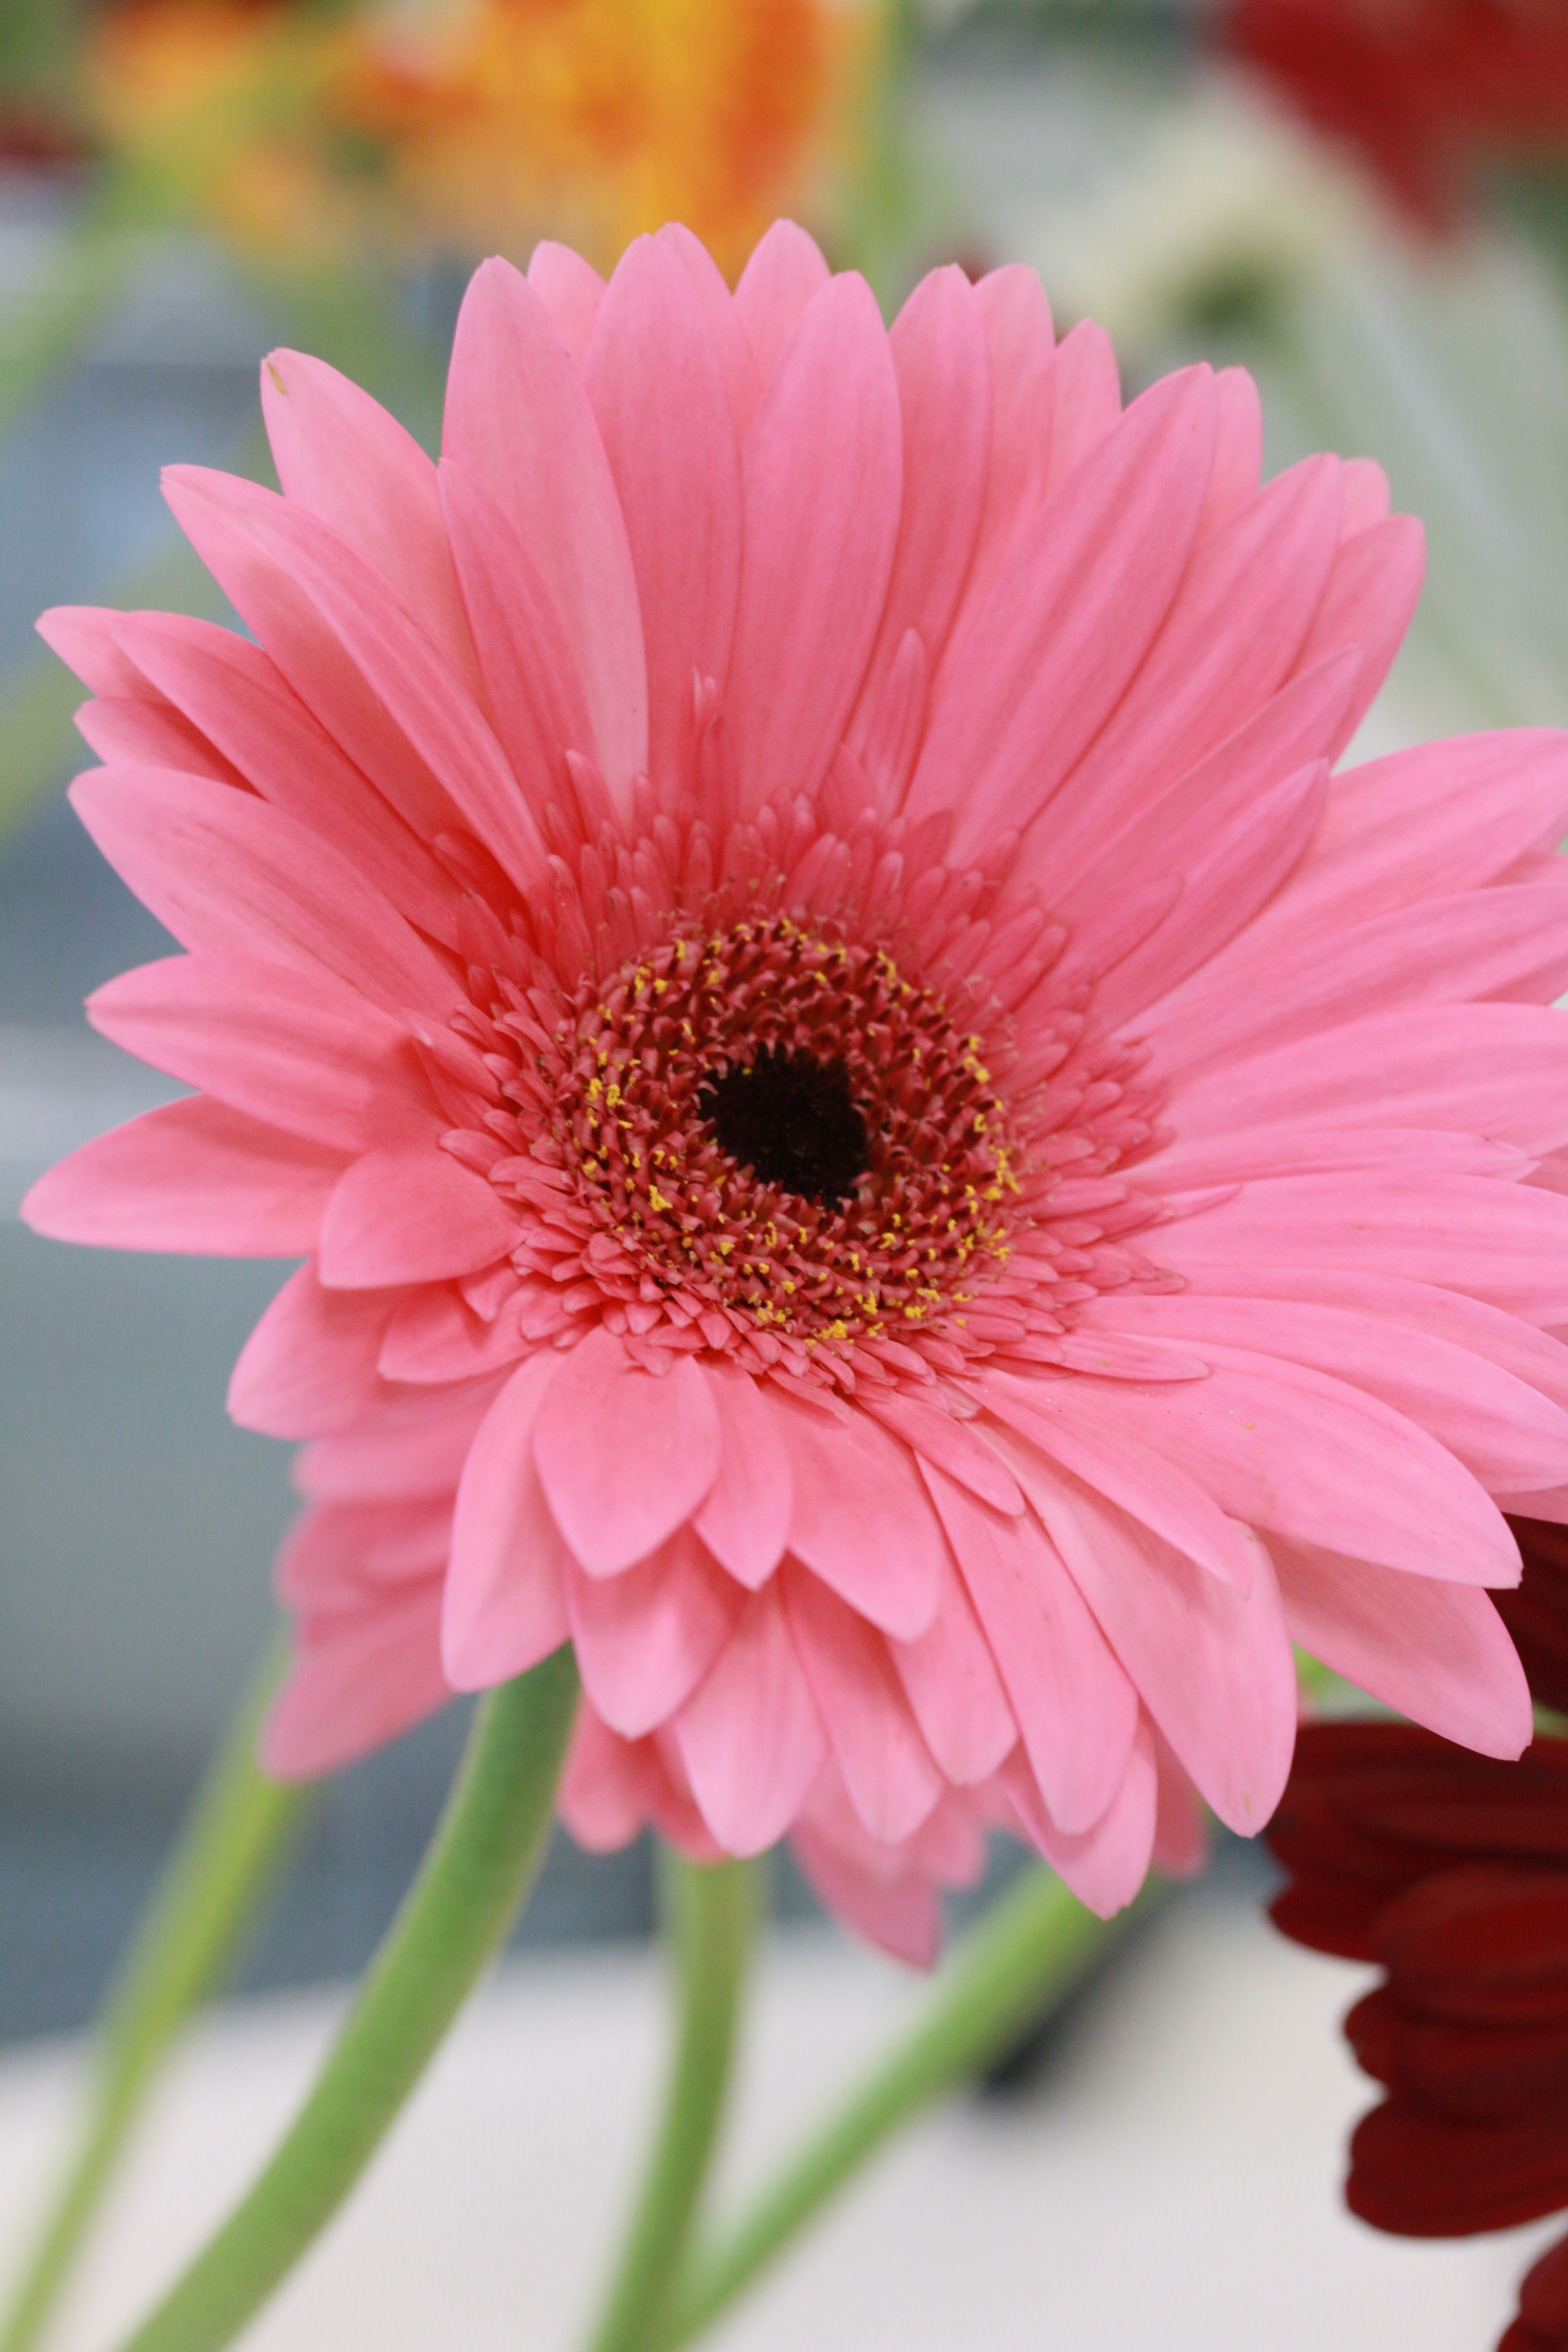 Pink Gerbera Beautiful Flowers Gerbera Daisy Pink Gerbera